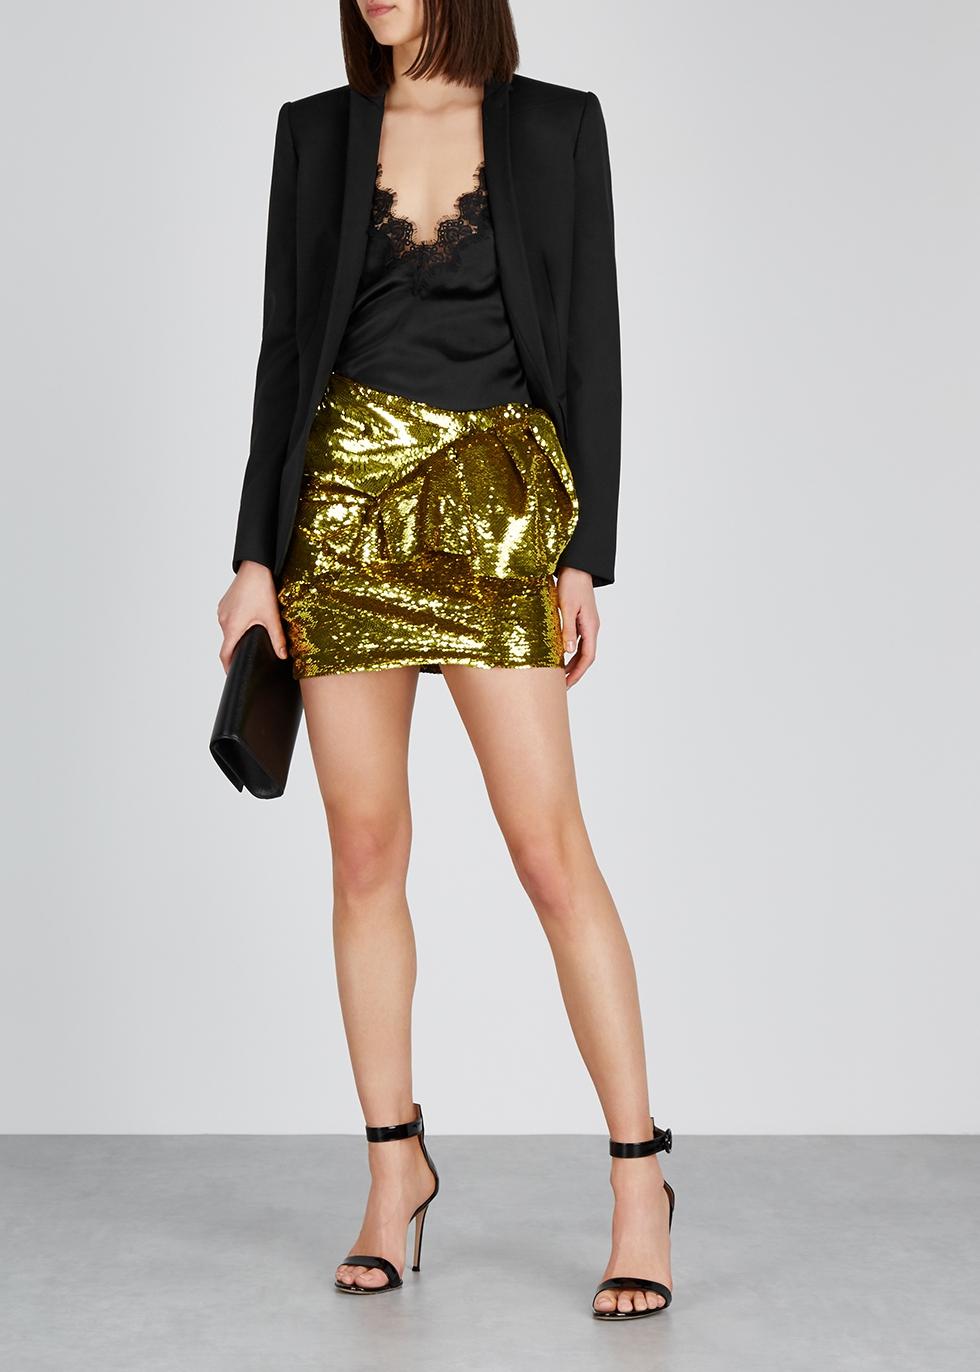 Gold sequin mini skirt - Alexandre Vauthier